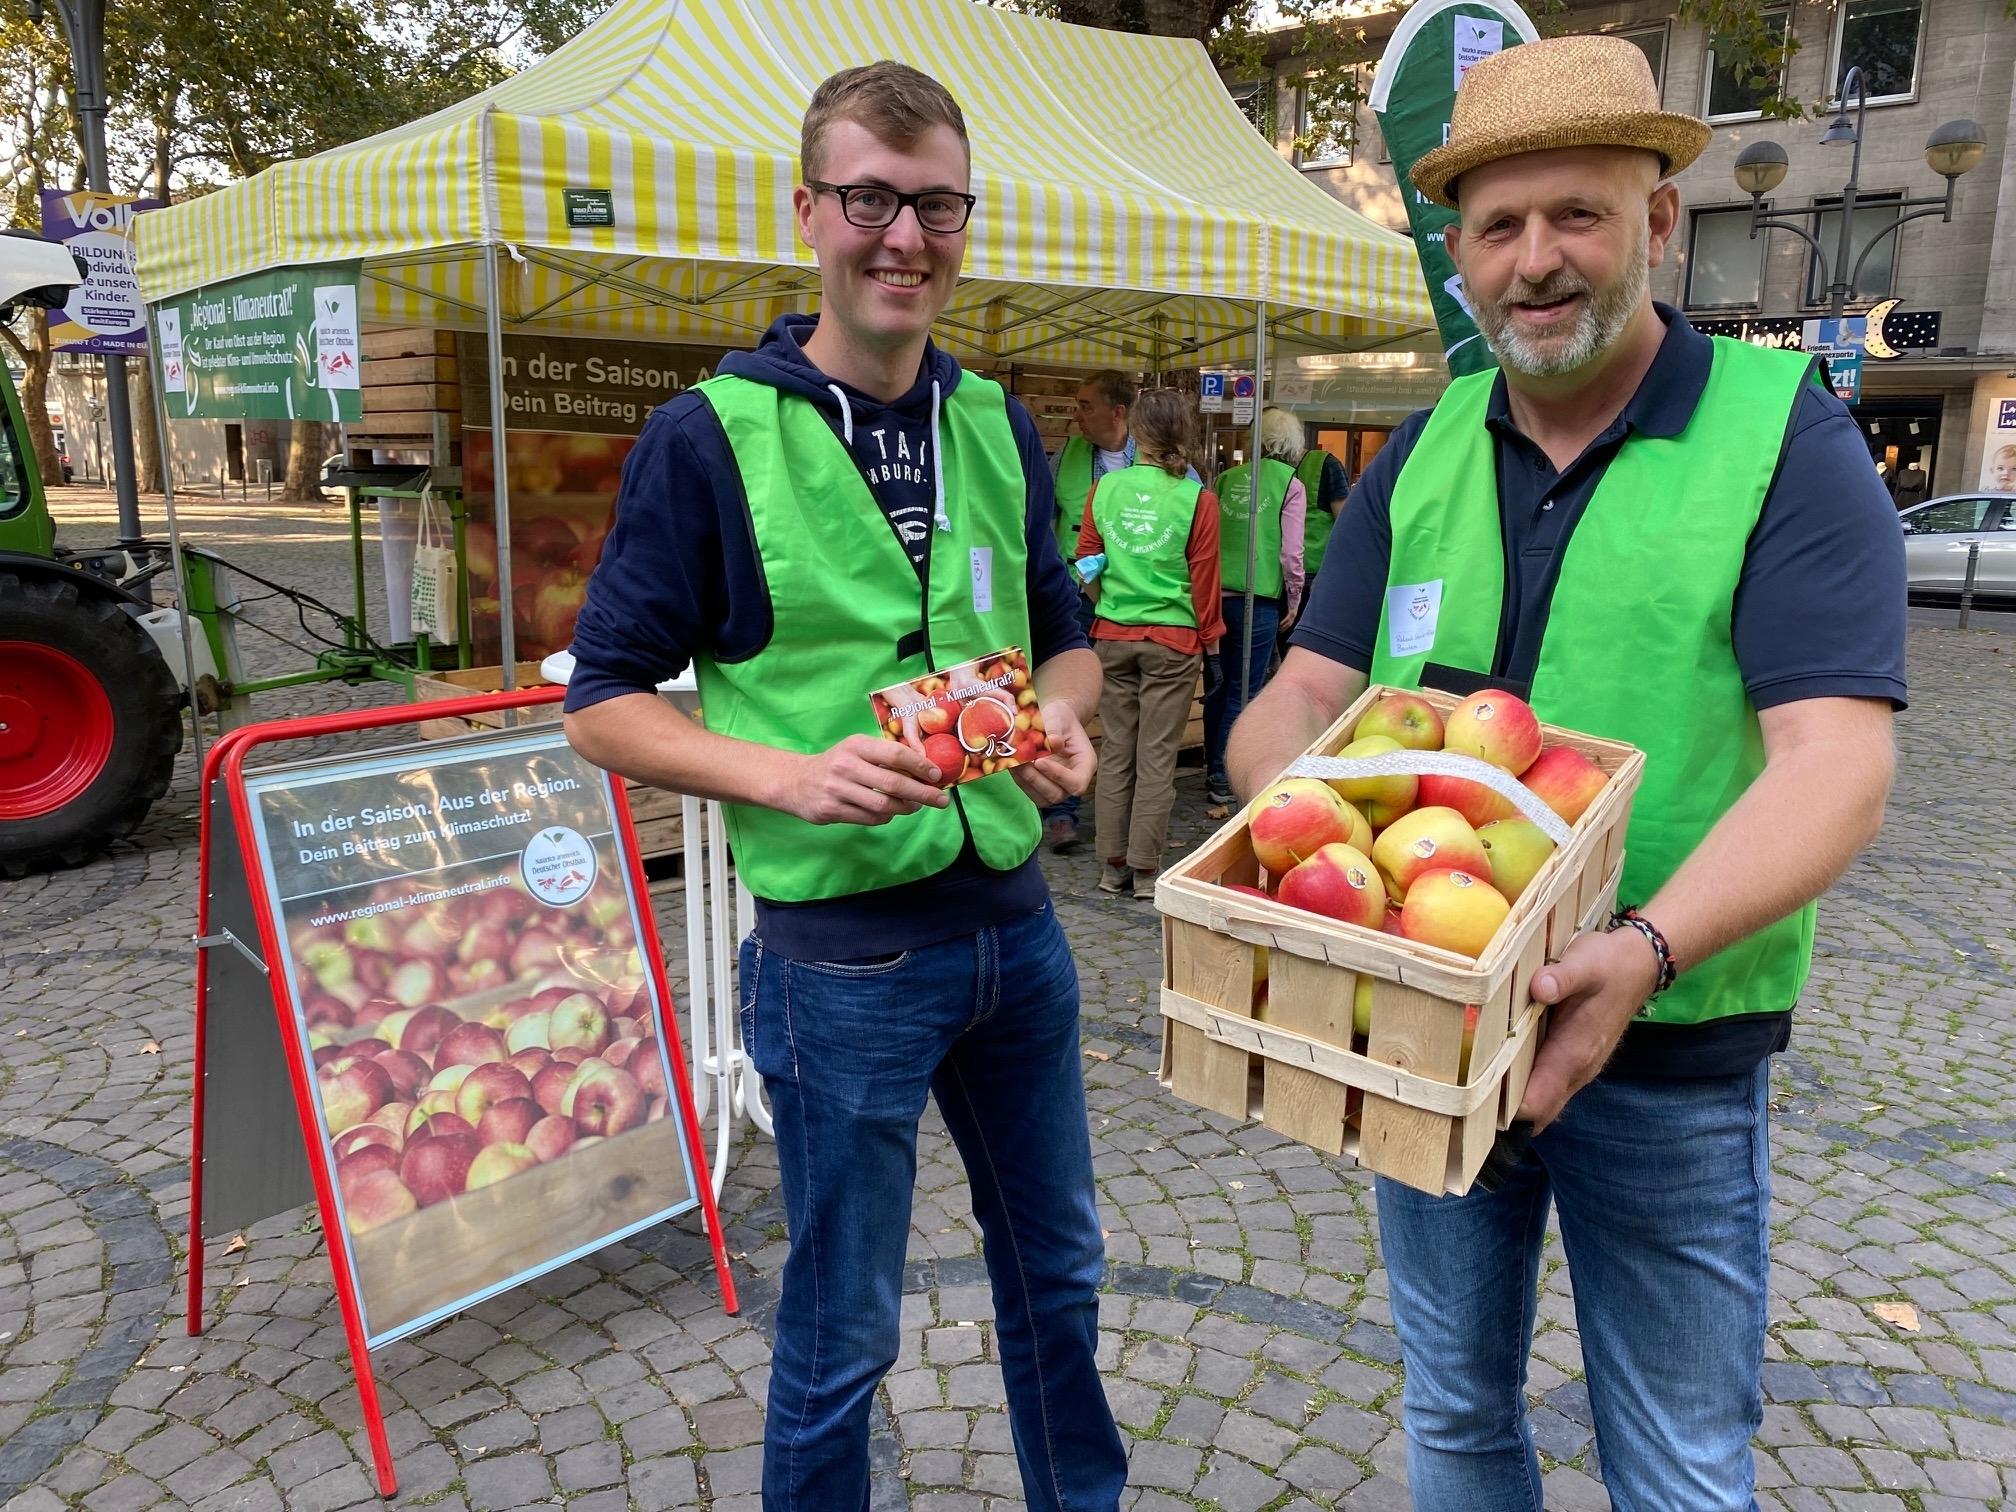 Apfelverteilaktion regionaler Obstbauern stößt auf großes Interesse bei Bürgern